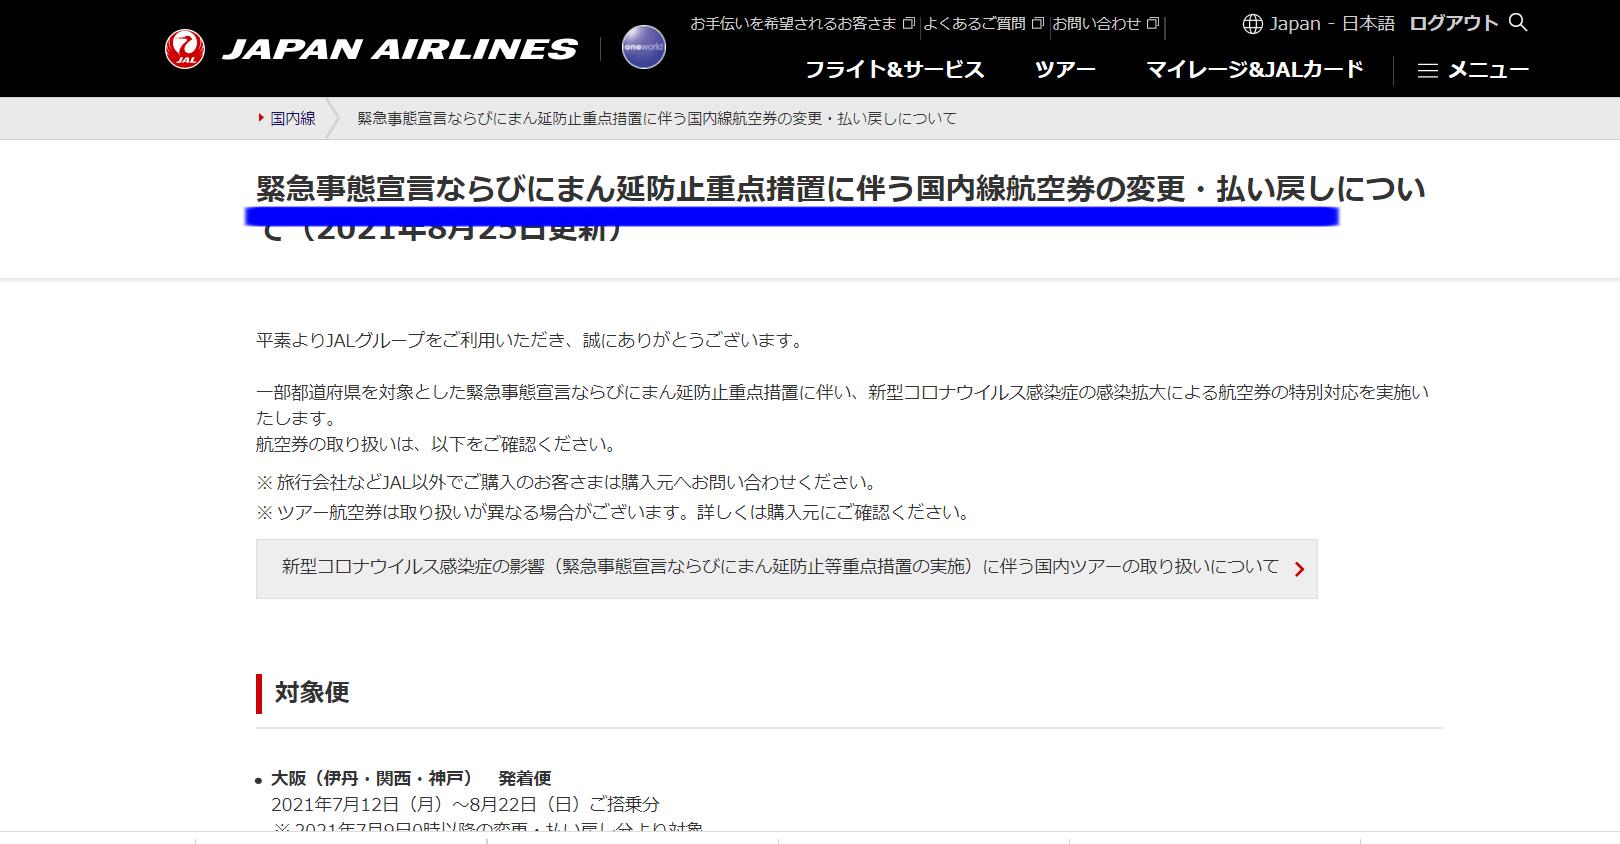 緊急事態宣言ならびにまん延防止重点措置に伴う国内線航空券の変更・払い戻しについて